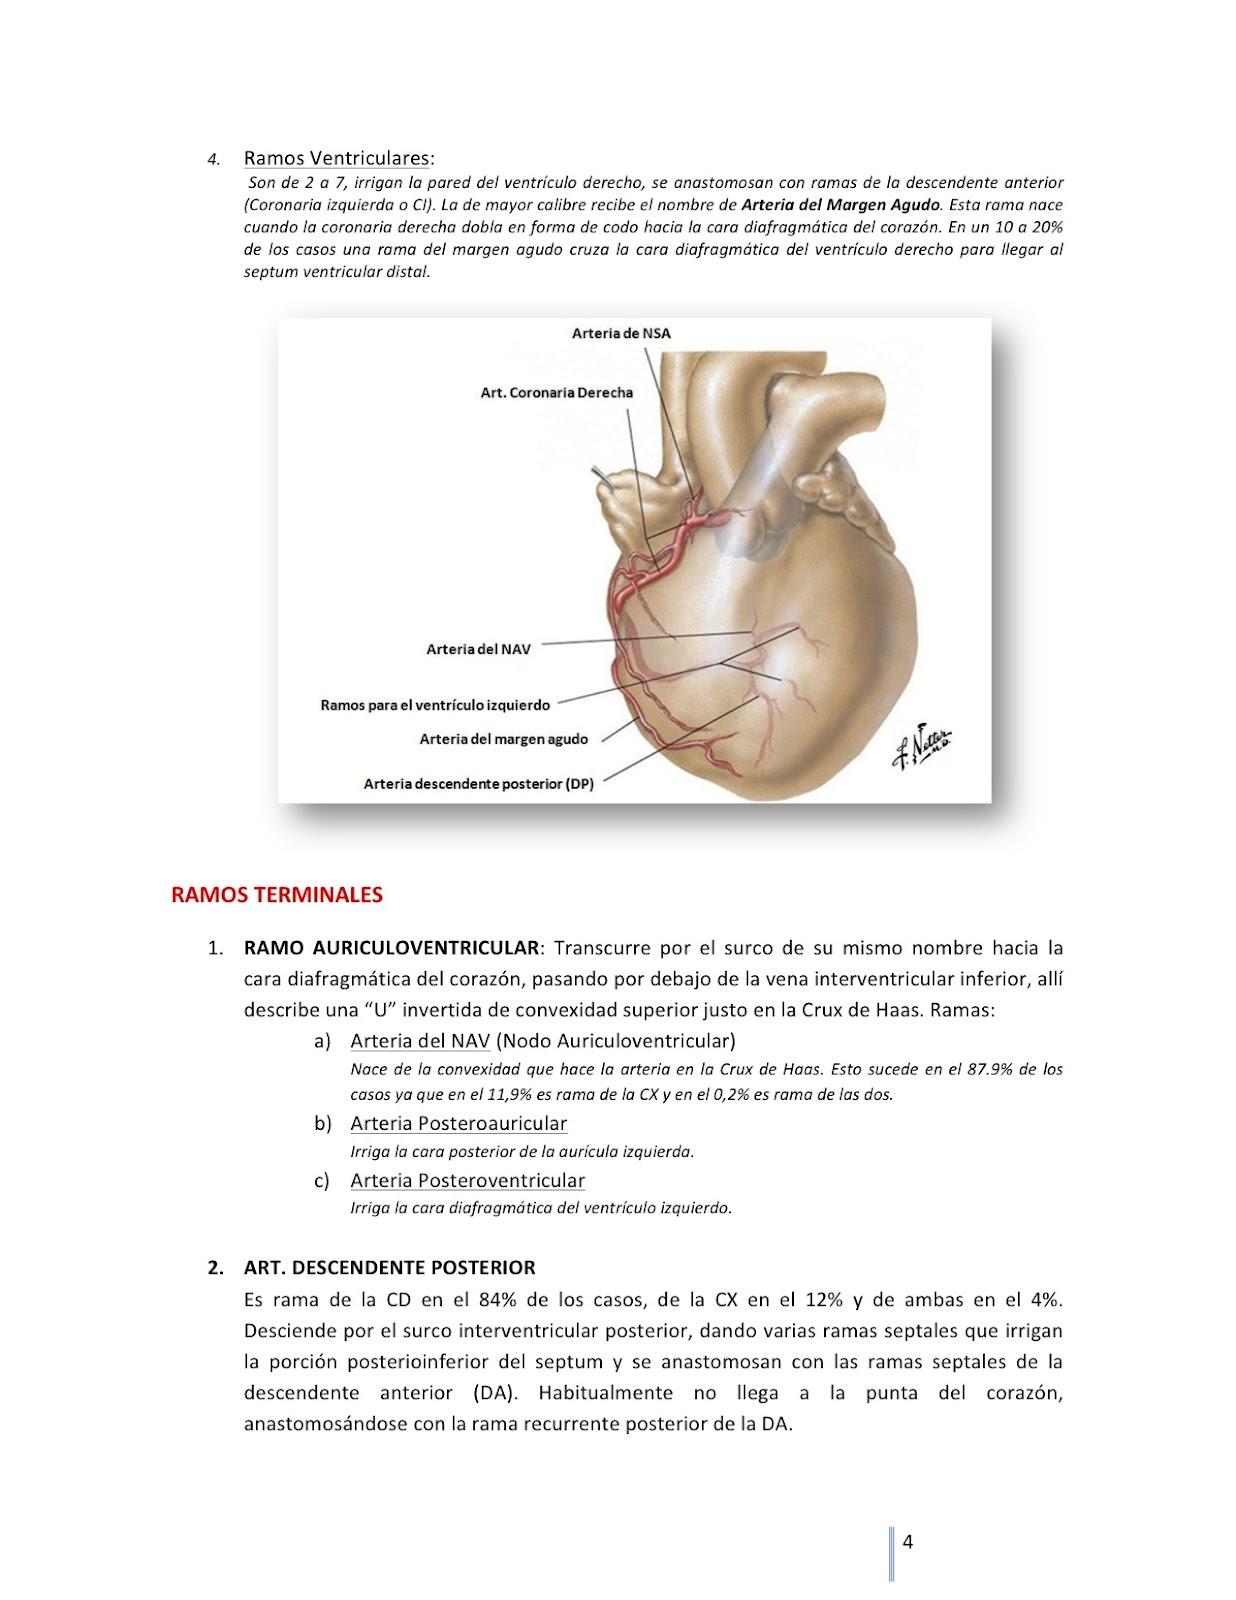 Cuadernos de Anatomía Quirúrgica: Circulación coronaria.